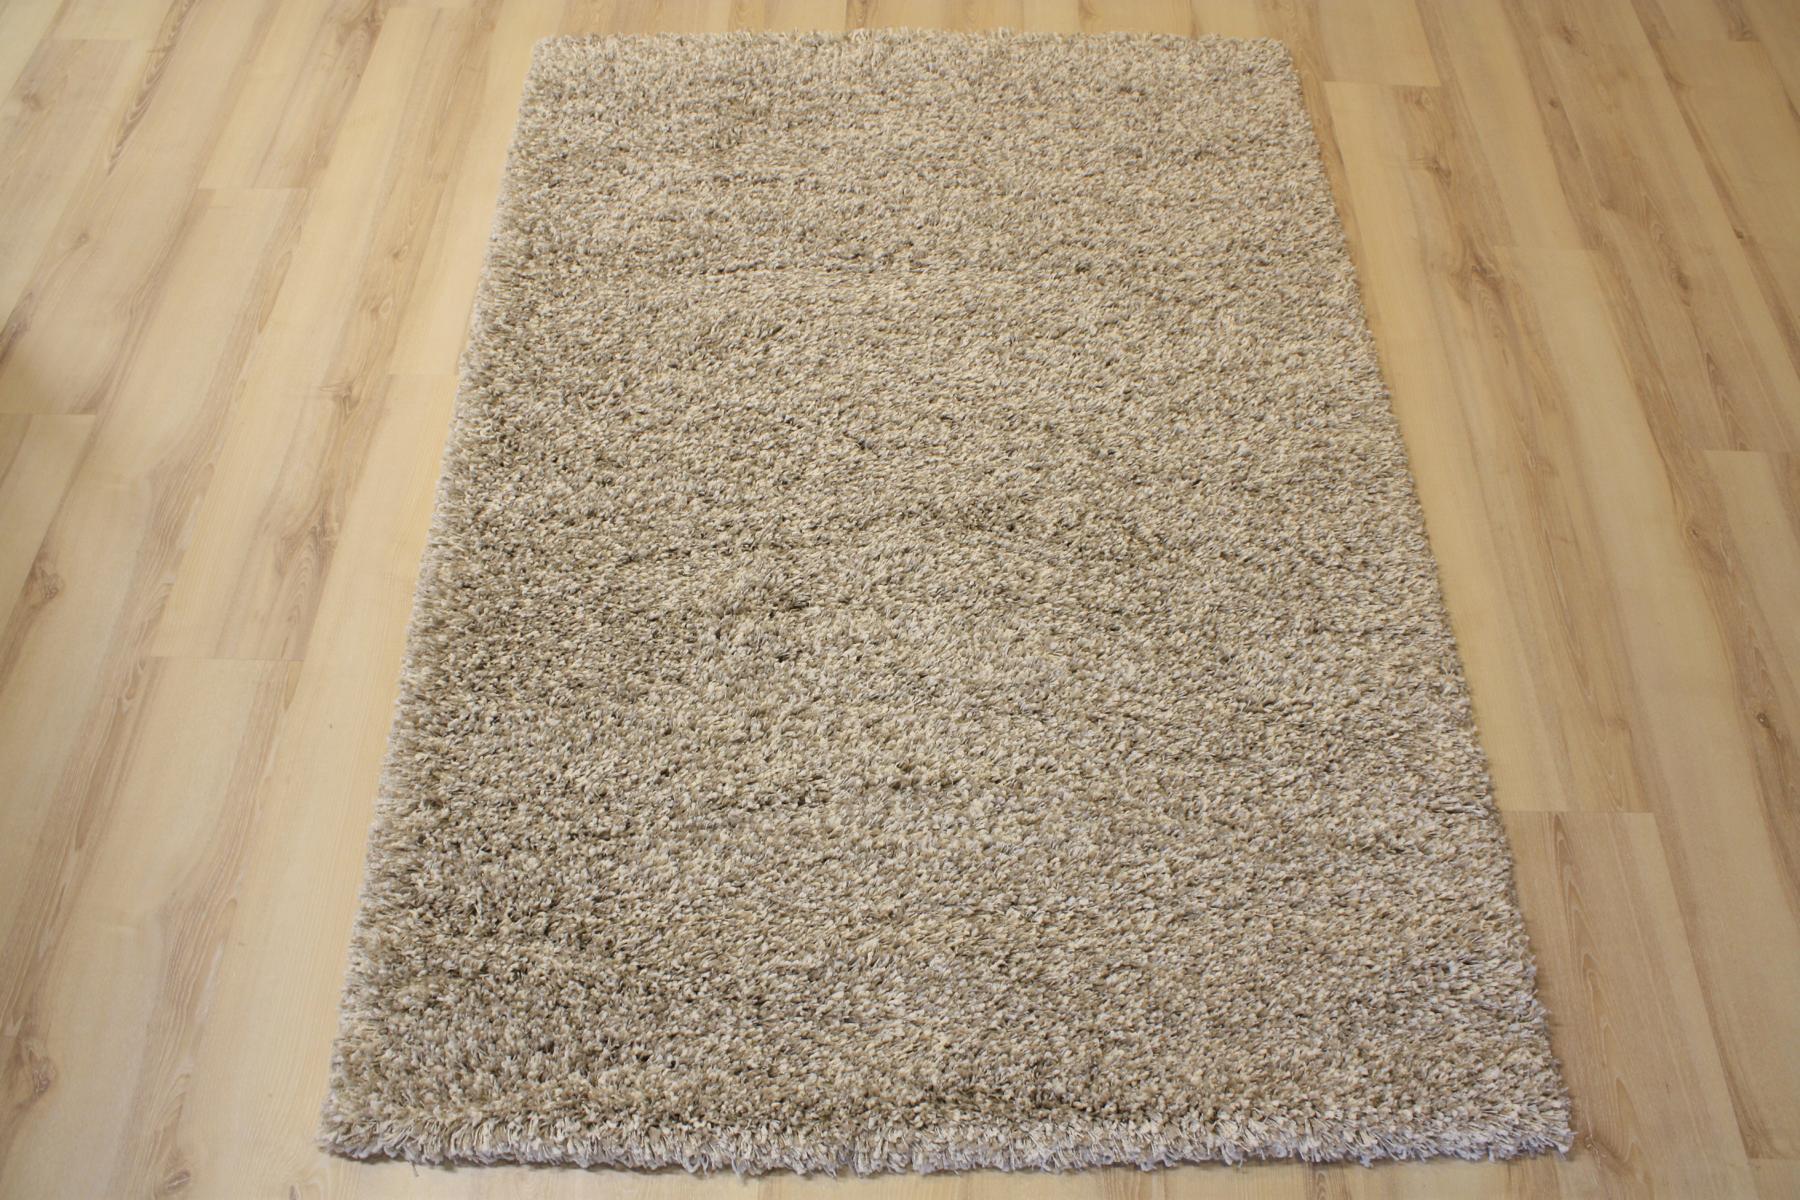 teppich langflor 39001 twilight 2211 white linen 65x130cm. Black Bedroom Furniture Sets. Home Design Ideas